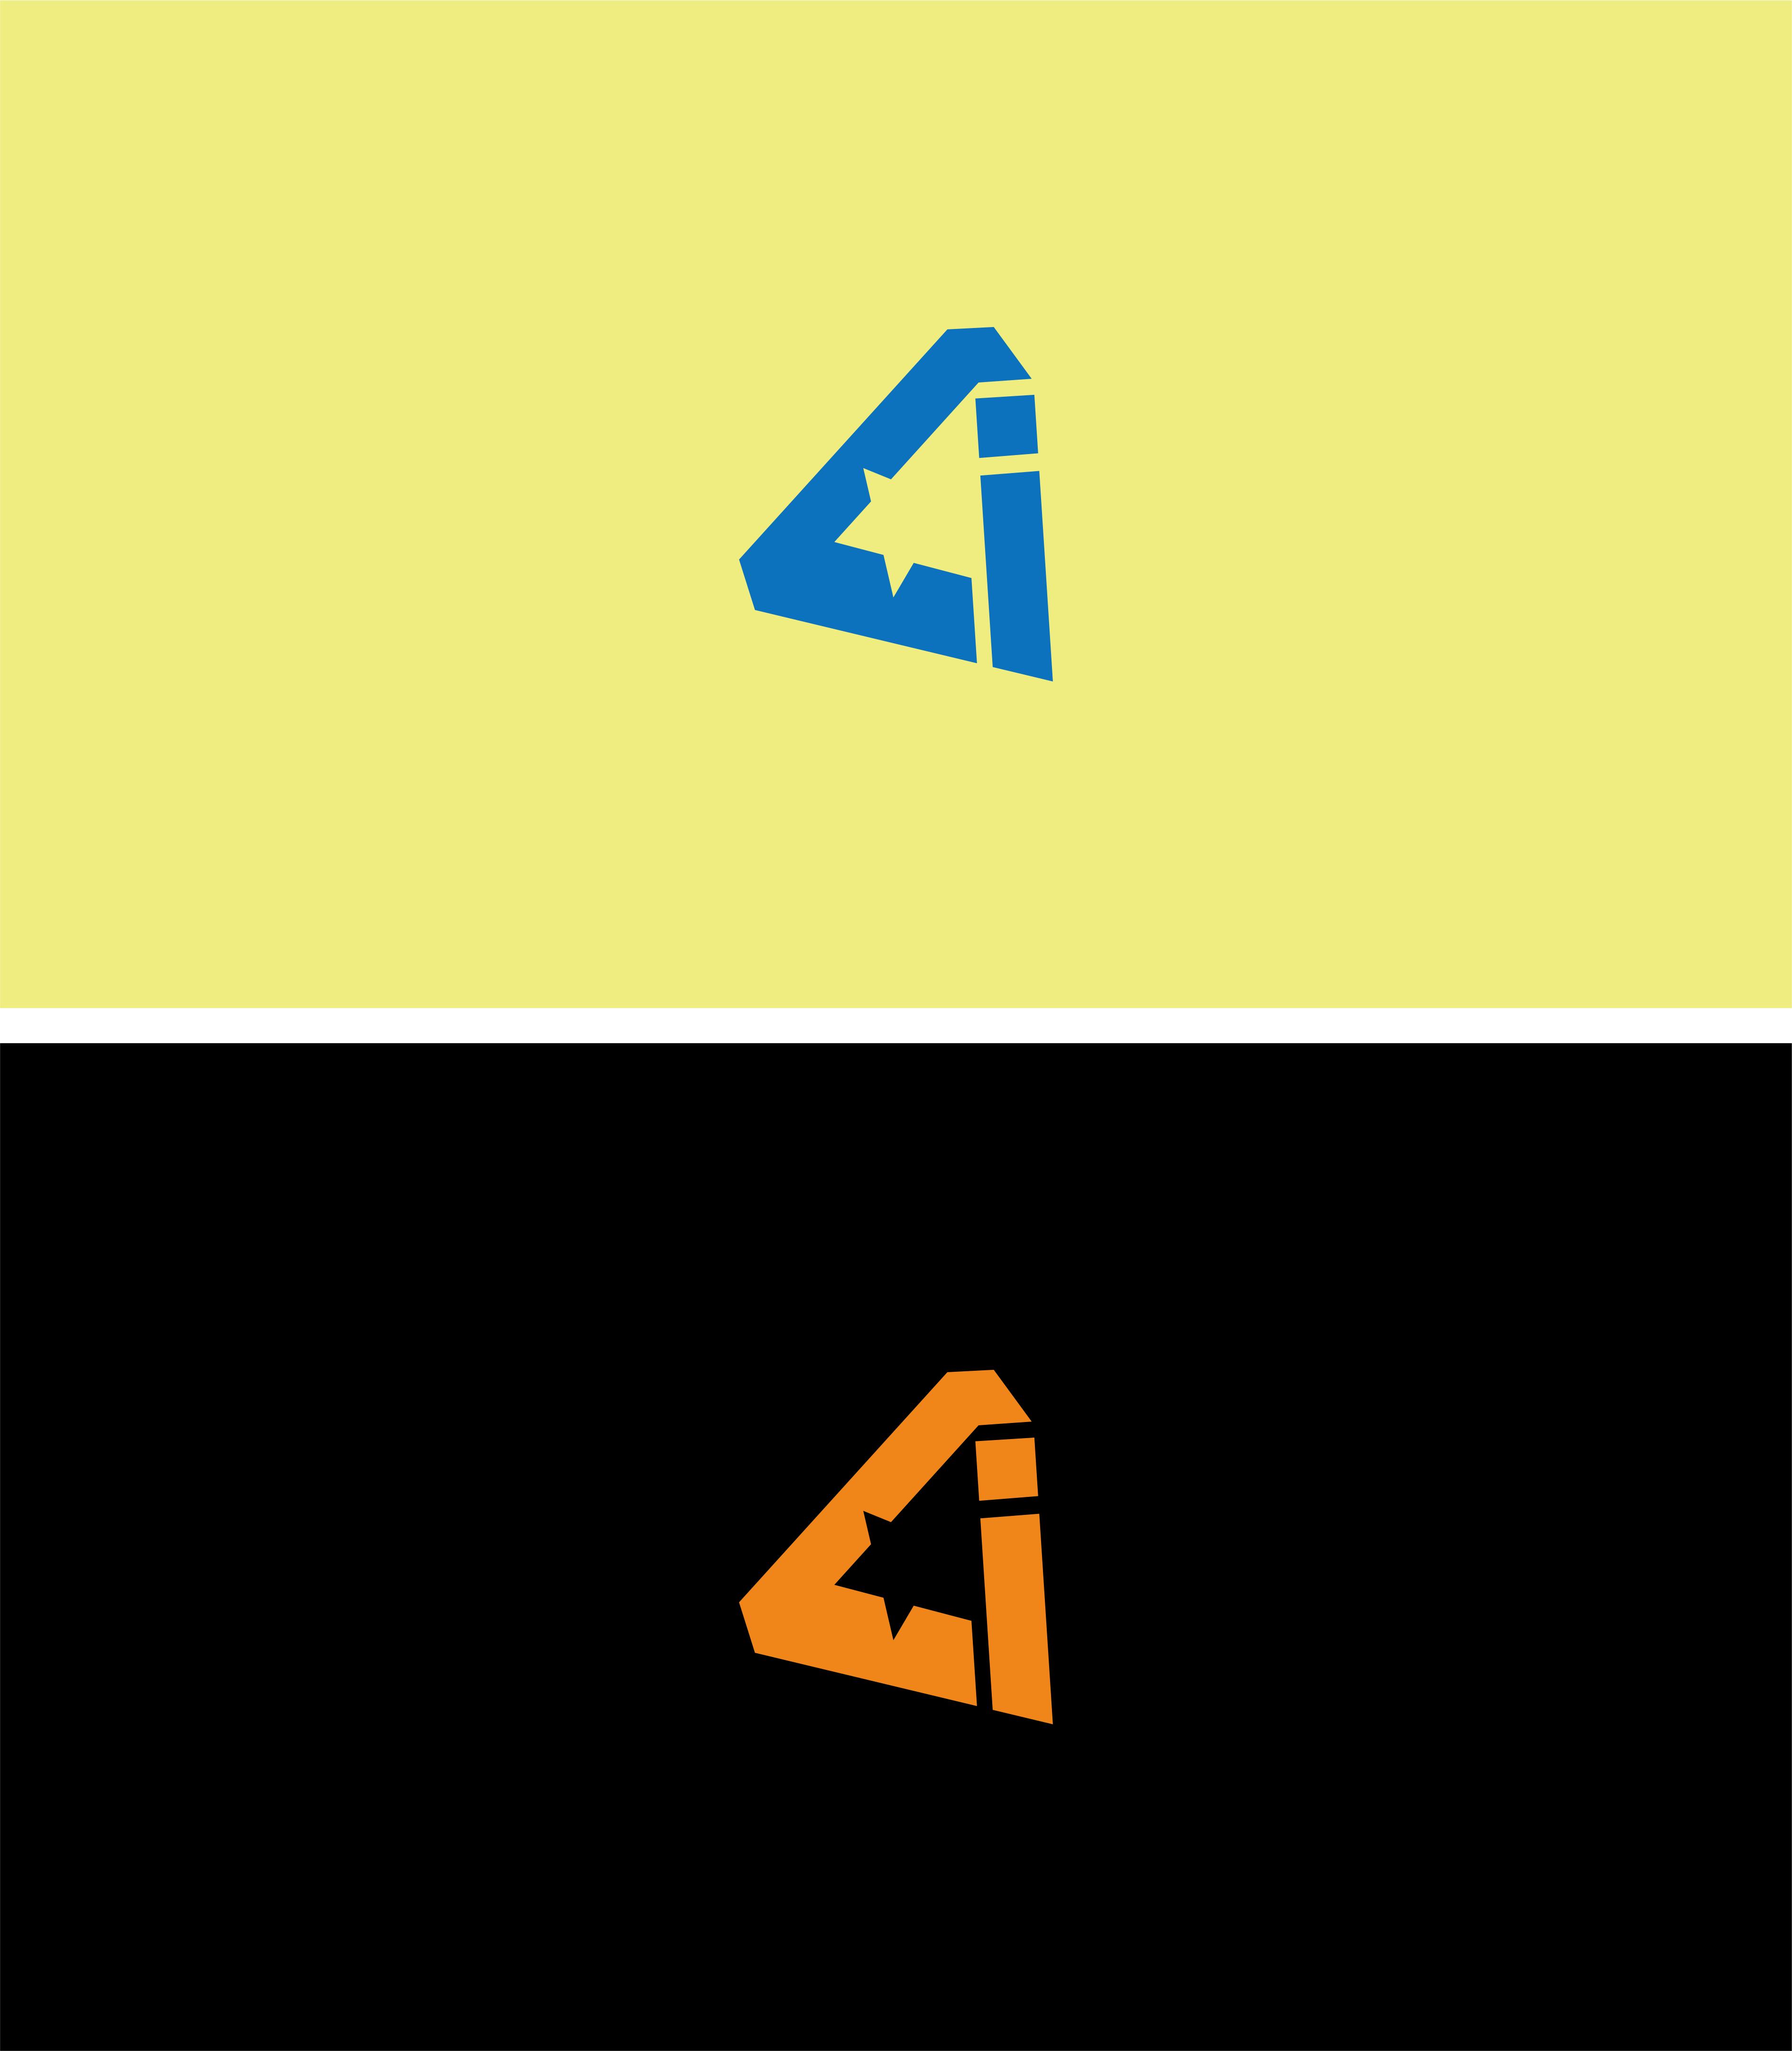 手套品牌logo设计_3036401_k68威客网